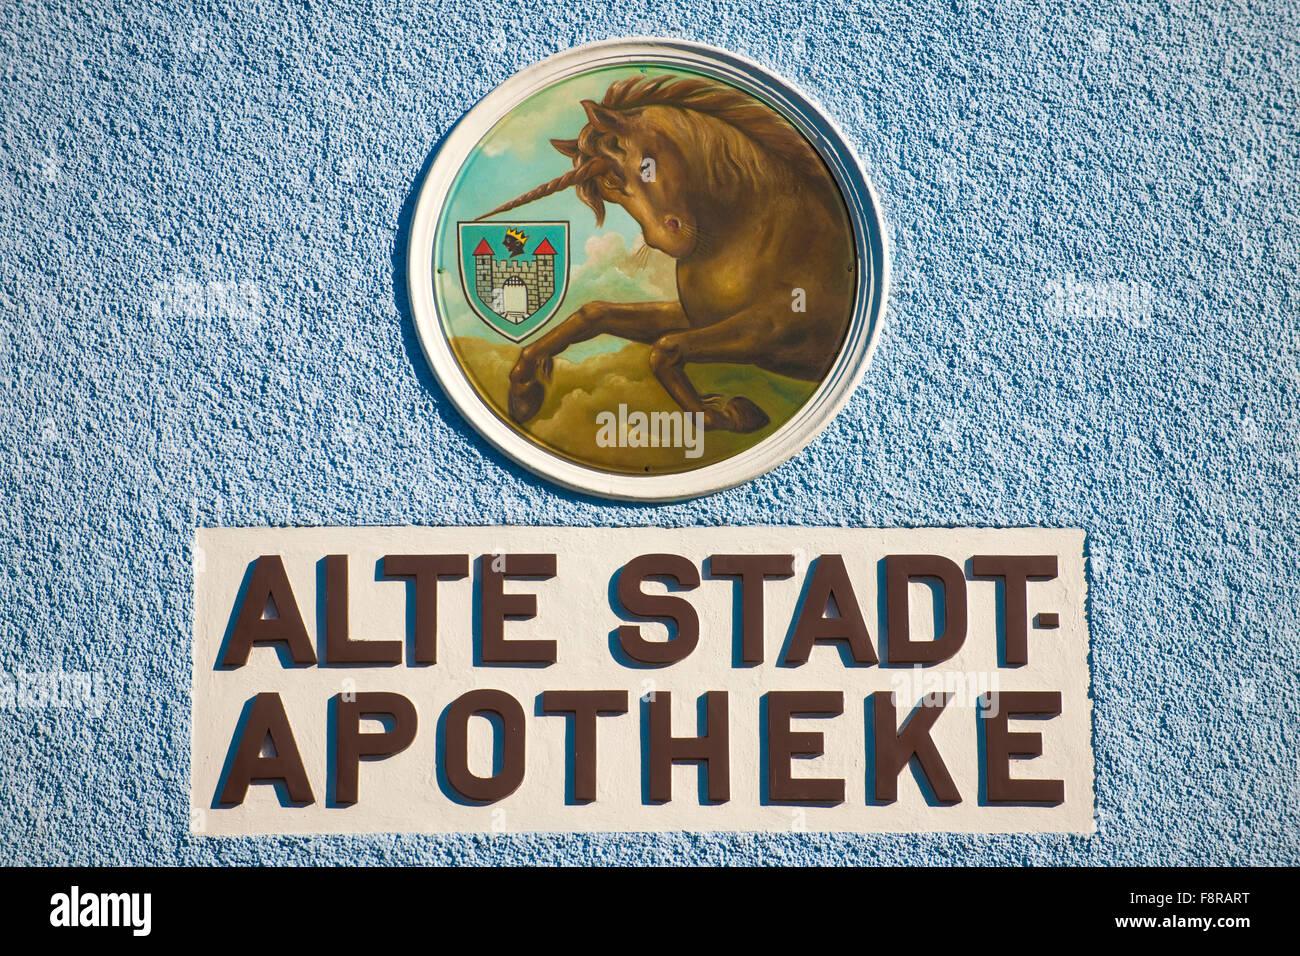 Österreich, Niederösterreich, Waidhofen an der Ybbs, historisches Apothekenschild auf der Fassade - Stock Image